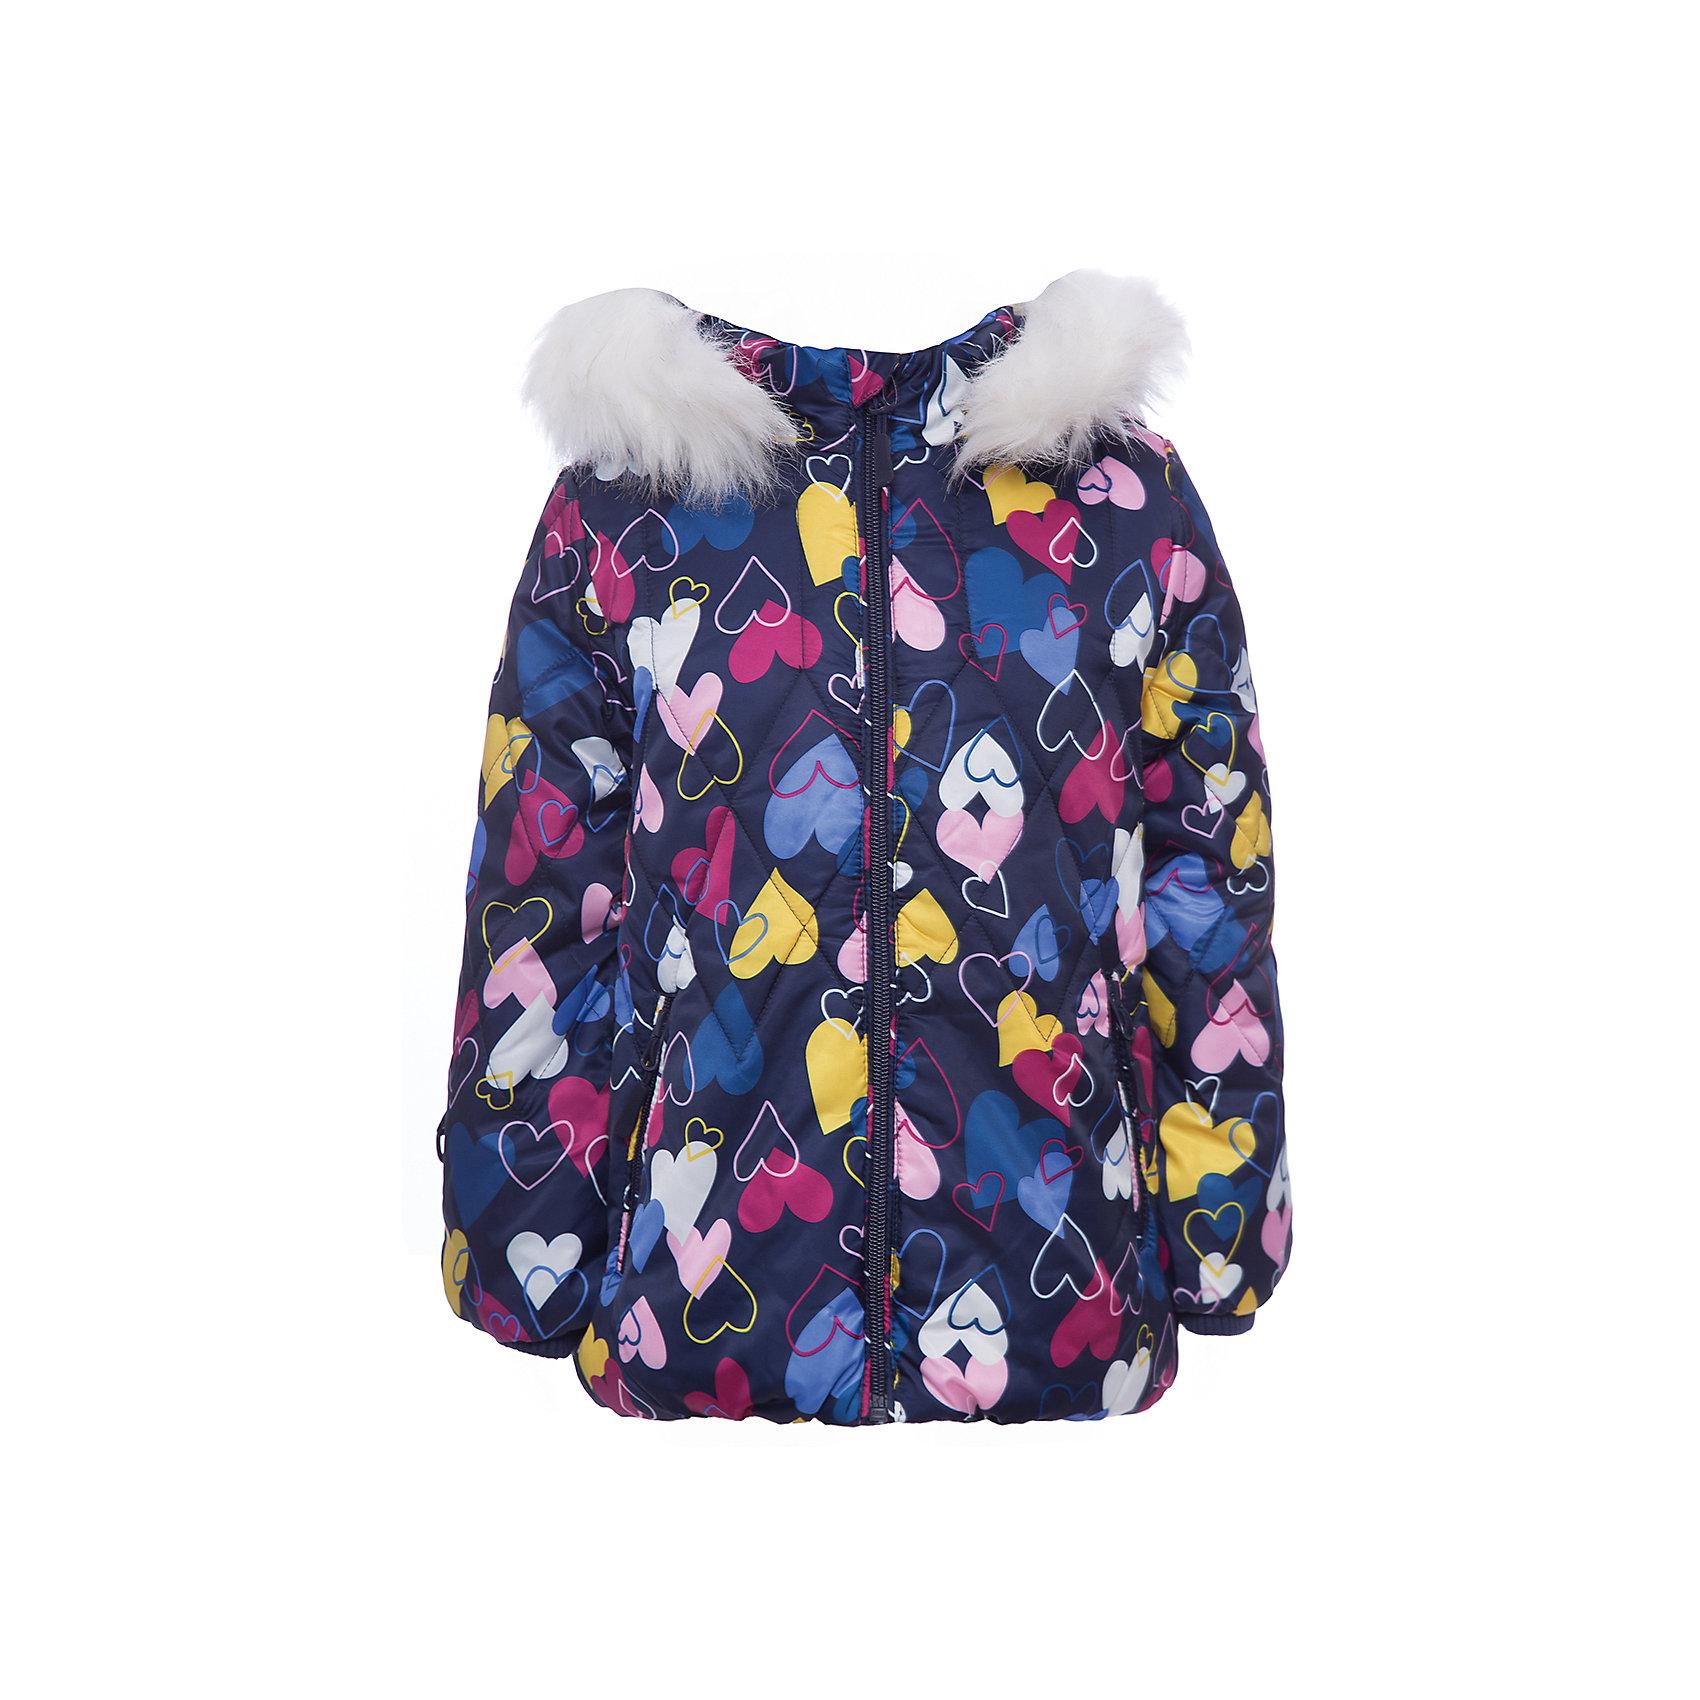 Куртка PlayToday для девочкиВерхняя одежда<br>Куртка PlayToday для девочки<br>Теплая стеганая куртка из ткани с водоотталкивающей пропиткой - отличное решение для холодной погоды. Вшивной капюшон декорирован искусственным мехом на кнопках. Подкладка из теплого флиса. Модель со снегозащитной юбкой. Рукава дополнены специальными кольцами для перчаток. Куртка на молнии. Специальный карман для фиксации бегунка не позволит застежке травмировать нежную детскую кожу. Трикотажный воротник не вызывает раздражений и неприятных ощущений.<br>Состав:<br>Верх: 100% полиэстер, Подкладка: 100% полиэстер, Наполнитель: 100% полиэстер, 300 г/м2<br><br>Ширина мм: 356<br>Глубина мм: 10<br>Высота мм: 245<br>Вес г: 519<br>Цвет: белый<br>Возраст от месяцев: 84<br>Возраст до месяцев: 96<br>Пол: Женский<br>Возраст: Детский<br>Размер: 128,98,104,110,116,122<br>SKU: 7115804